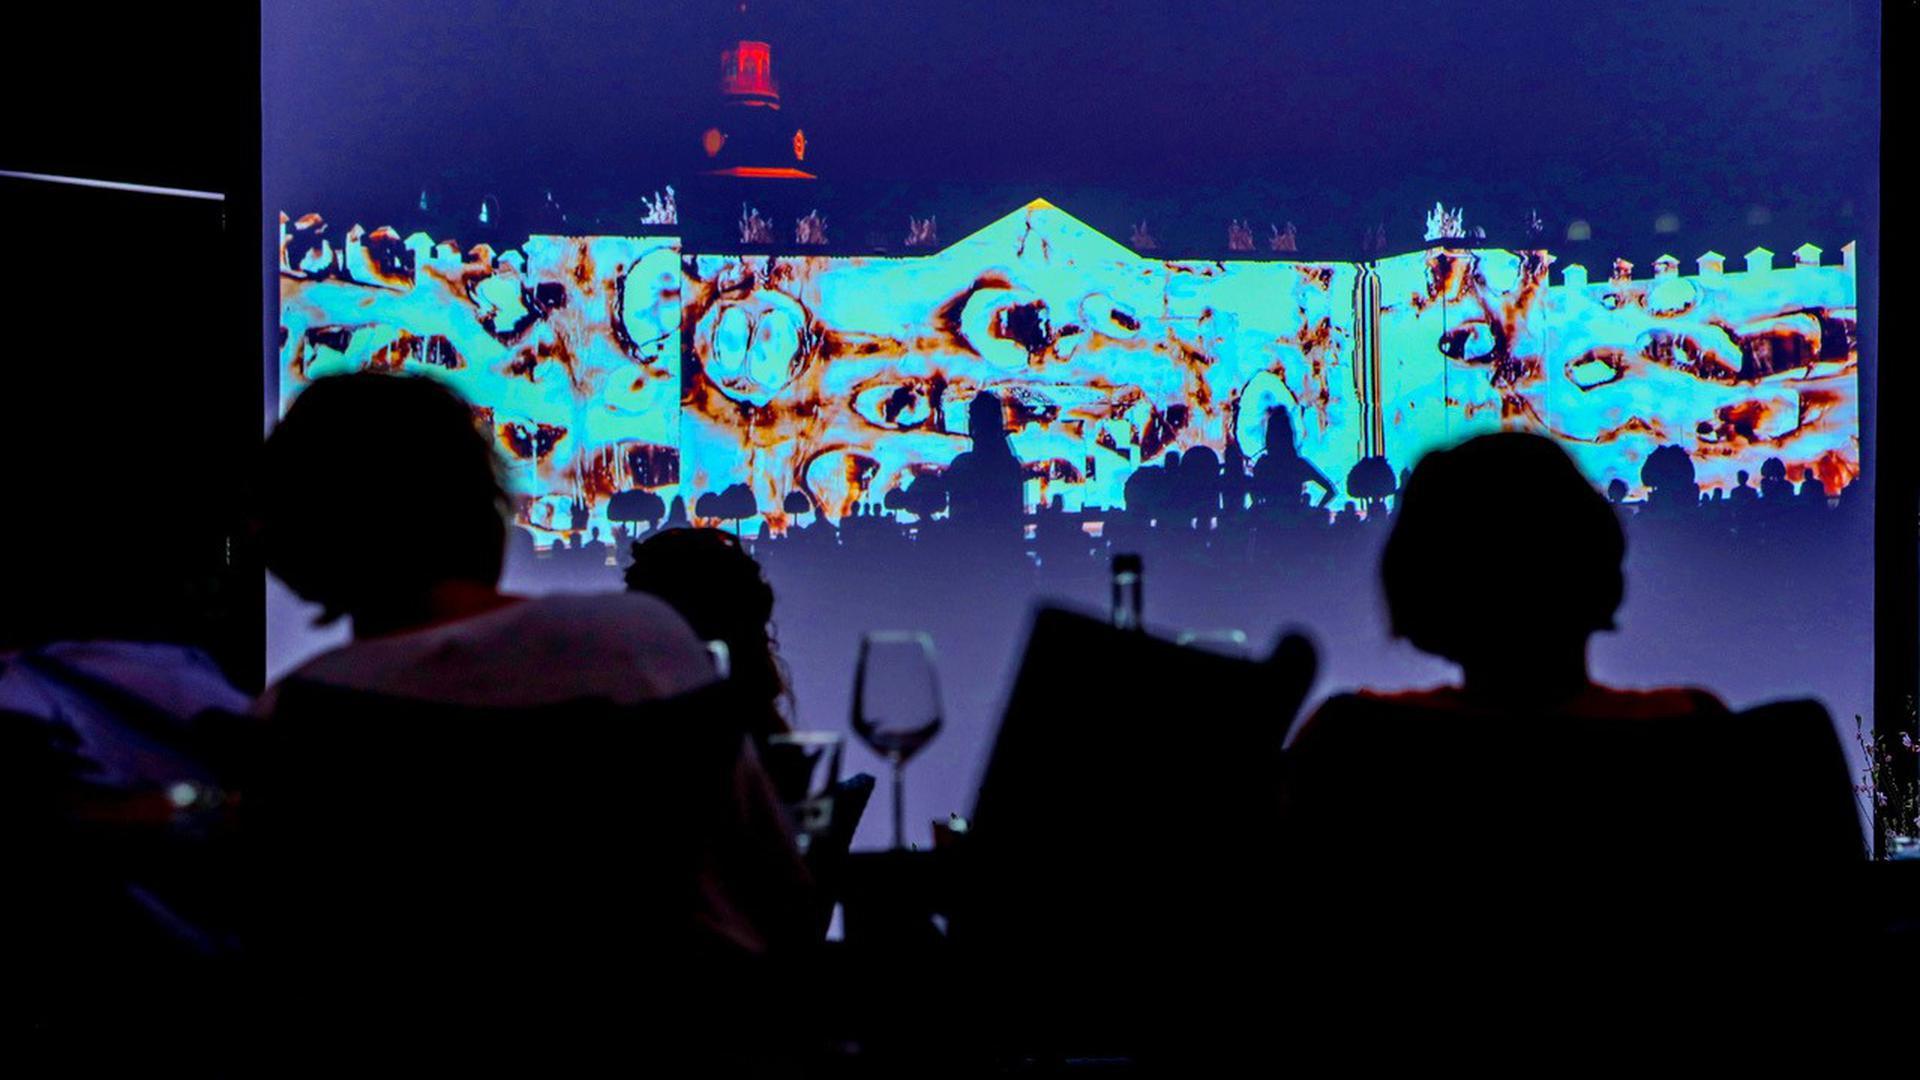 Menschen mit Glas vor einer Leinwand mit animierten Filmen